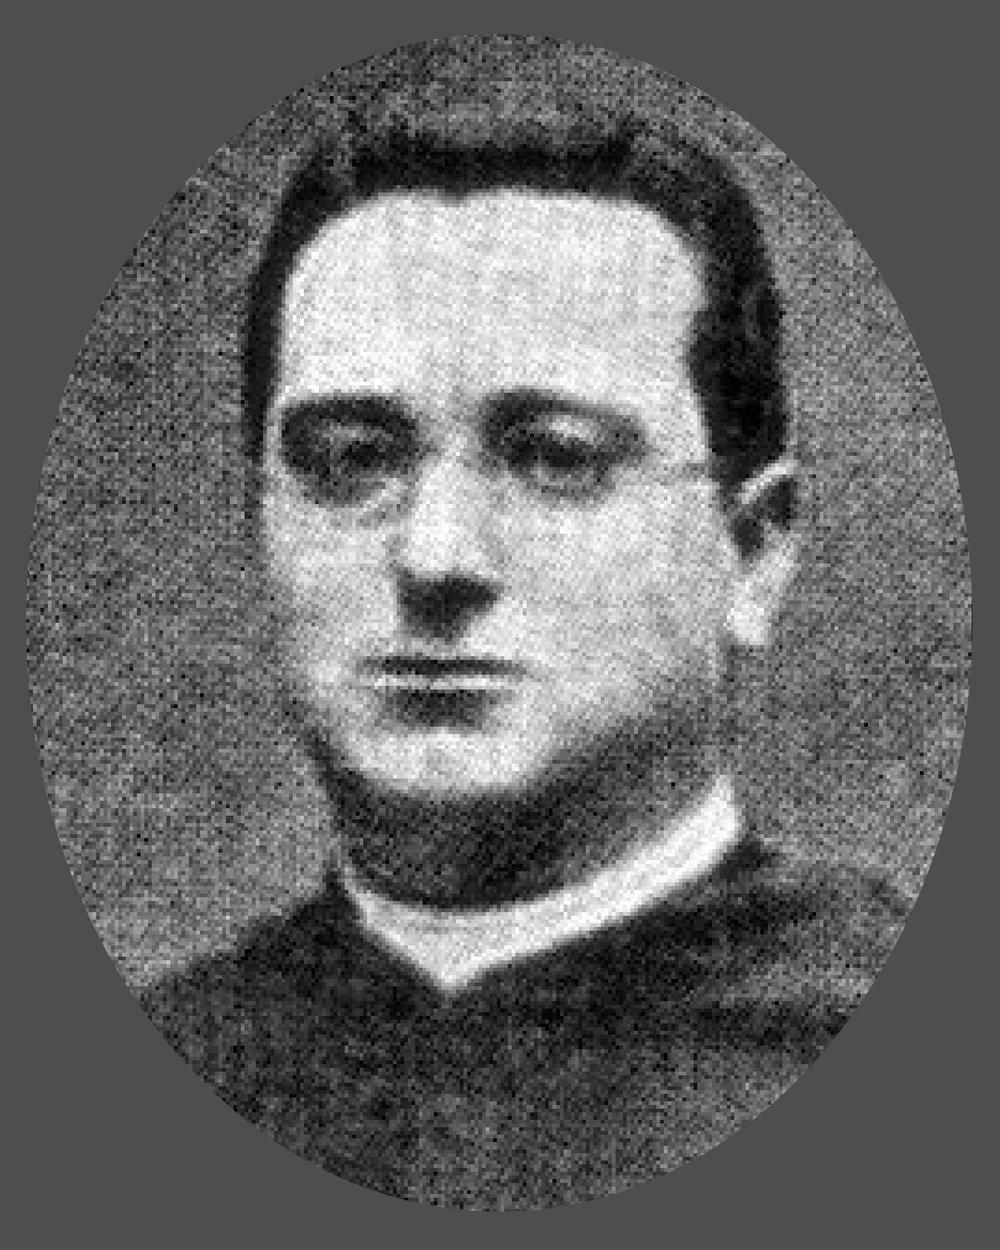 Rev. Giovanni Cerruti, O.S.A. - 1912-1914